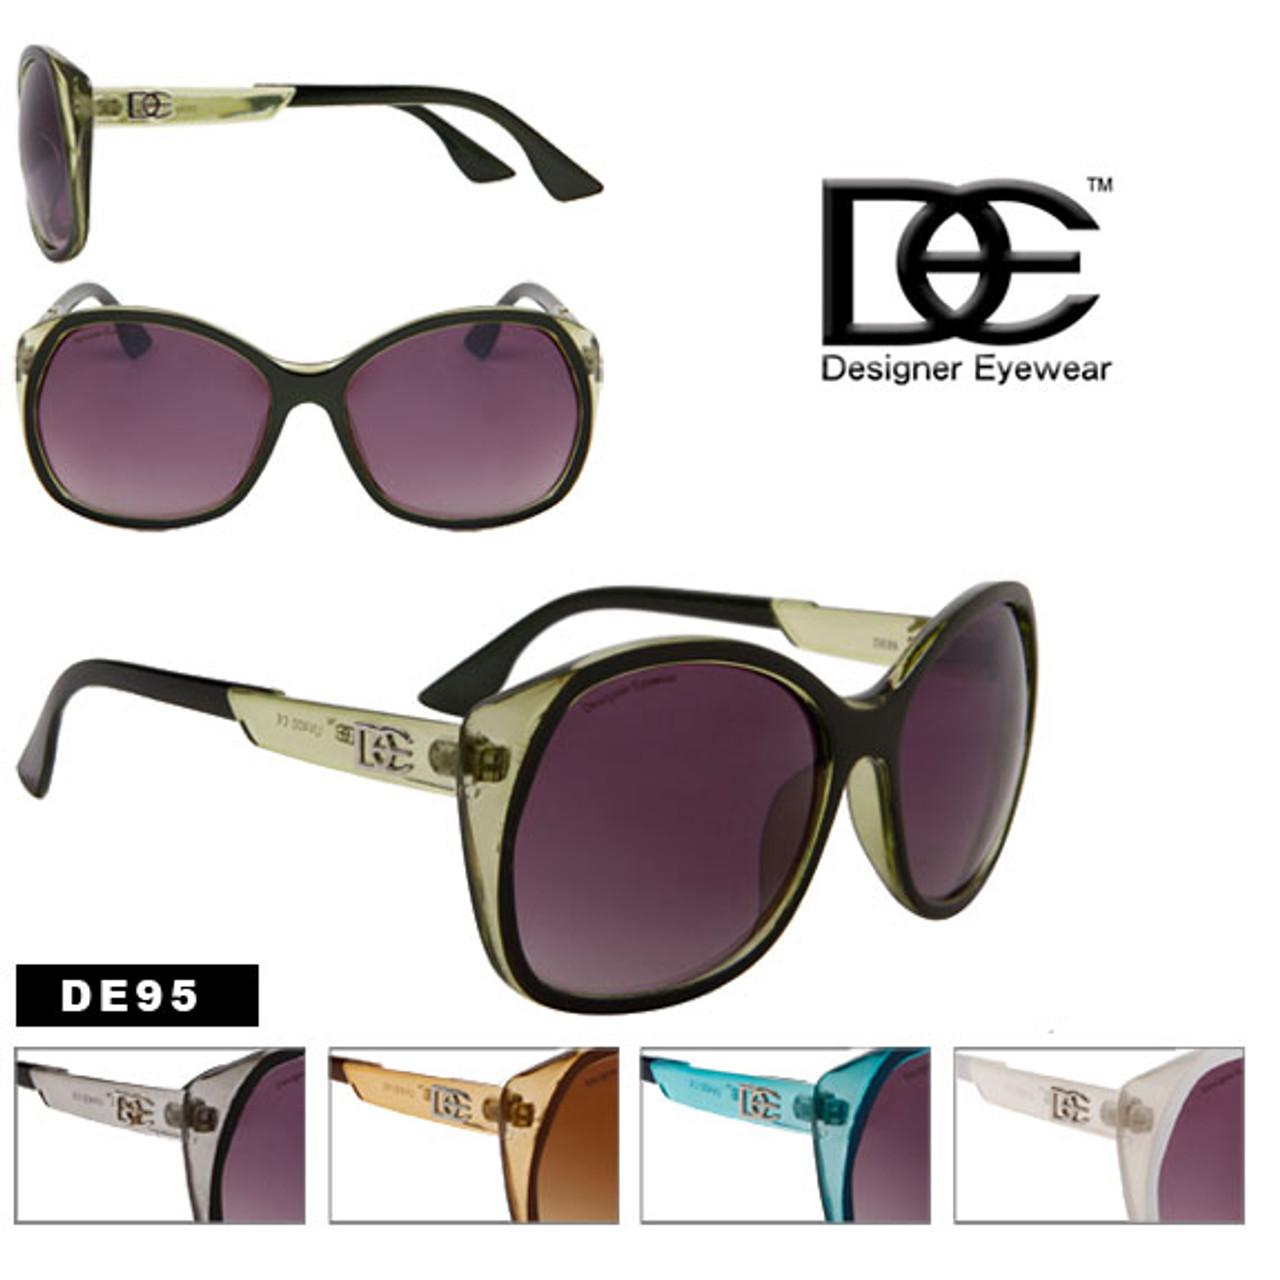 Wholesale Women's Fashion Sunglasses DE95